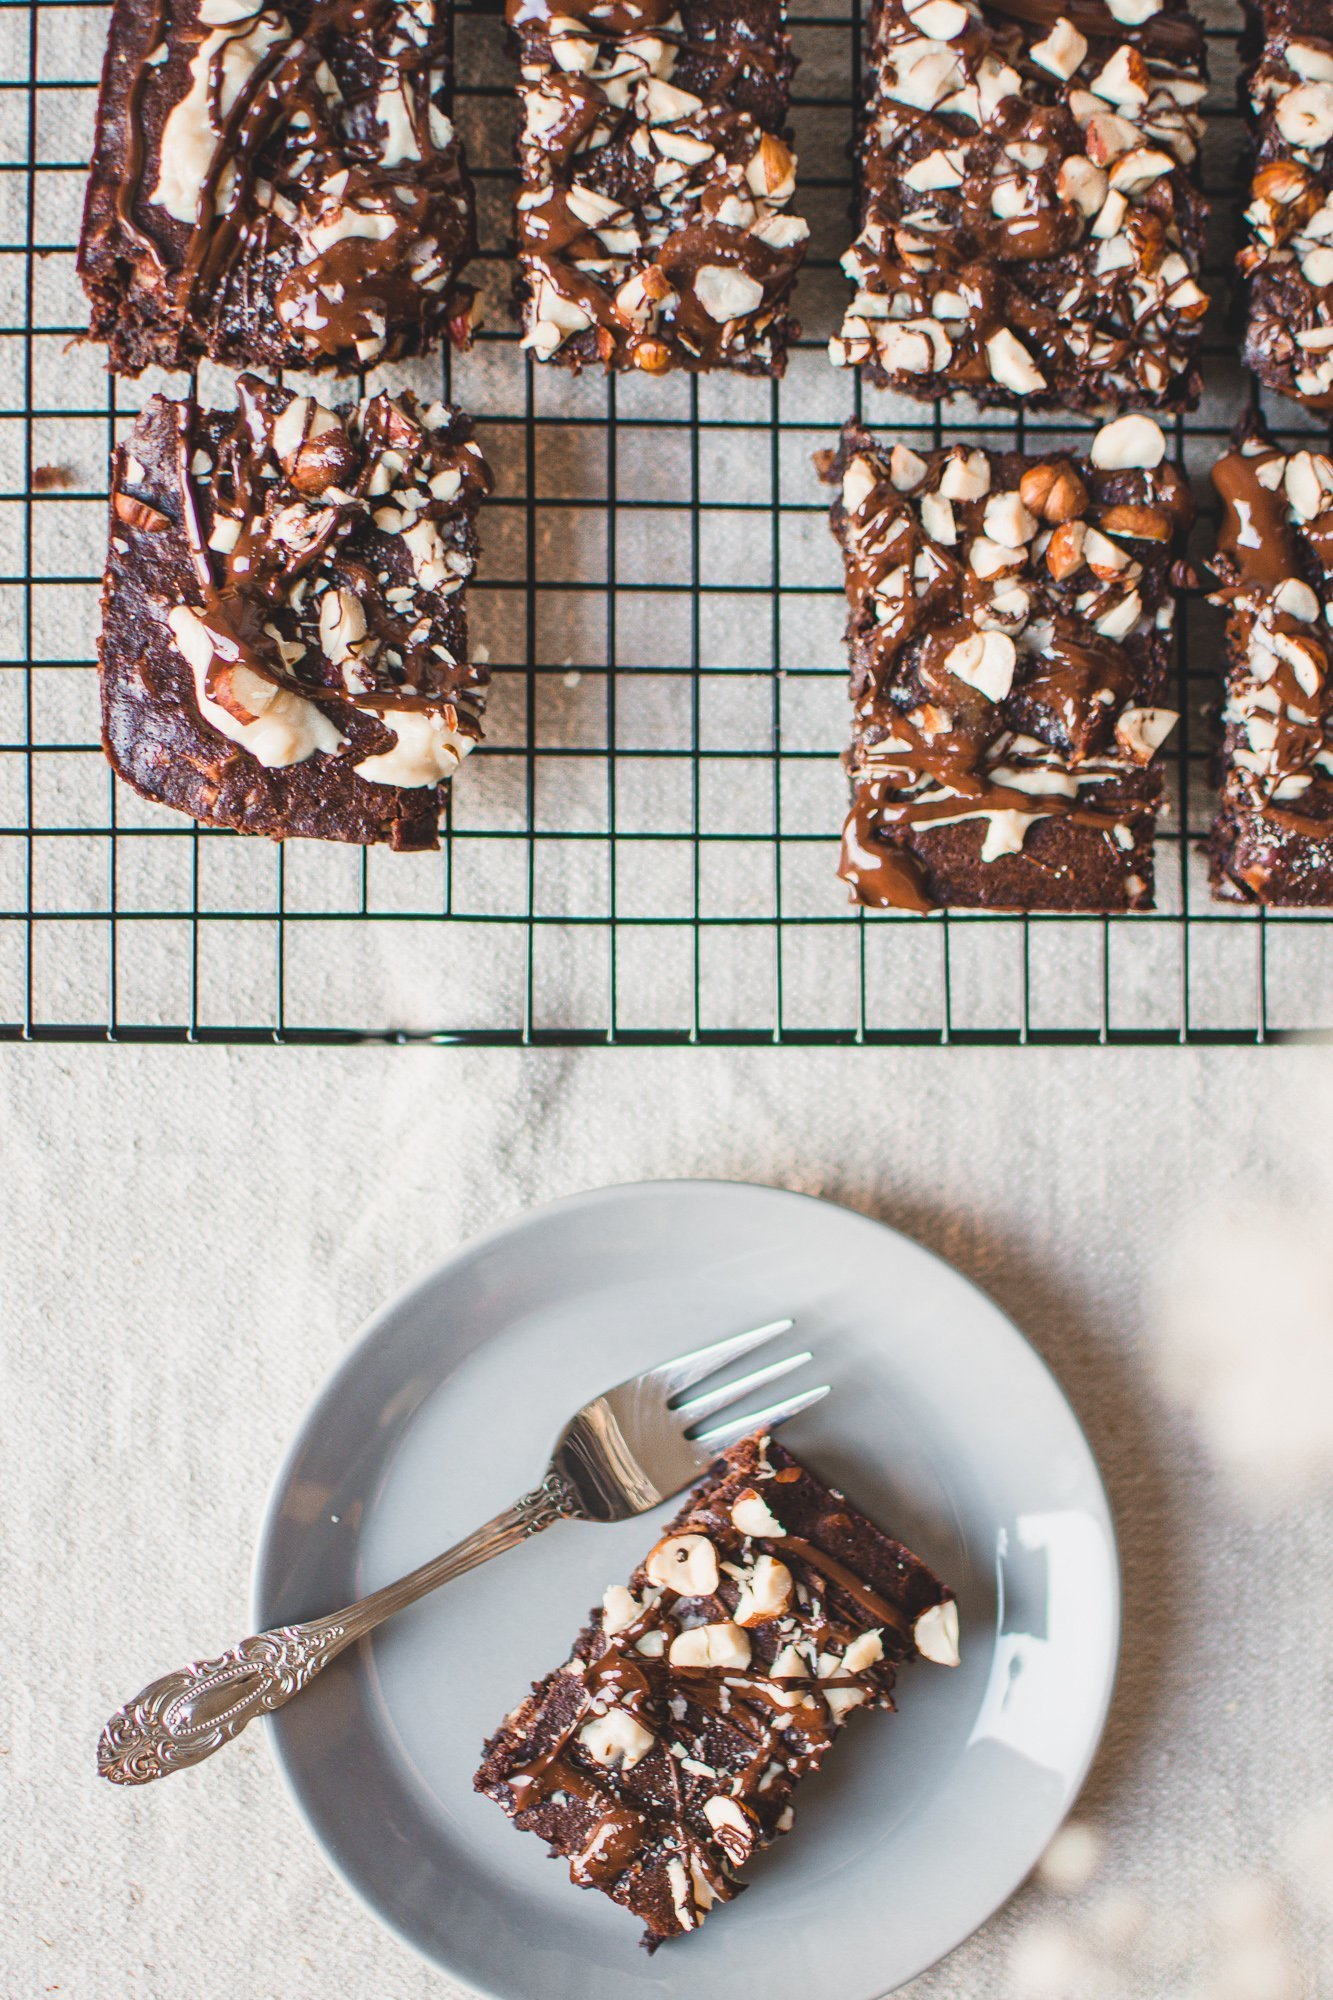 Einfaches Brownie-Rezept für selbstgemachte Brownies mit Haselnuss, Erdnussbutter und Schokolade. Dieses Rezept enthält kein Ei oder andere tierische Produkte und ist einfach zuzubereiten. Diese saftigen Brownies sind eine Wohltat für die Seele. #Schokolade #Einfachrezepte #Veganerinnenrezepte #Backen #Rezept #Brownies #HeimatBrownies